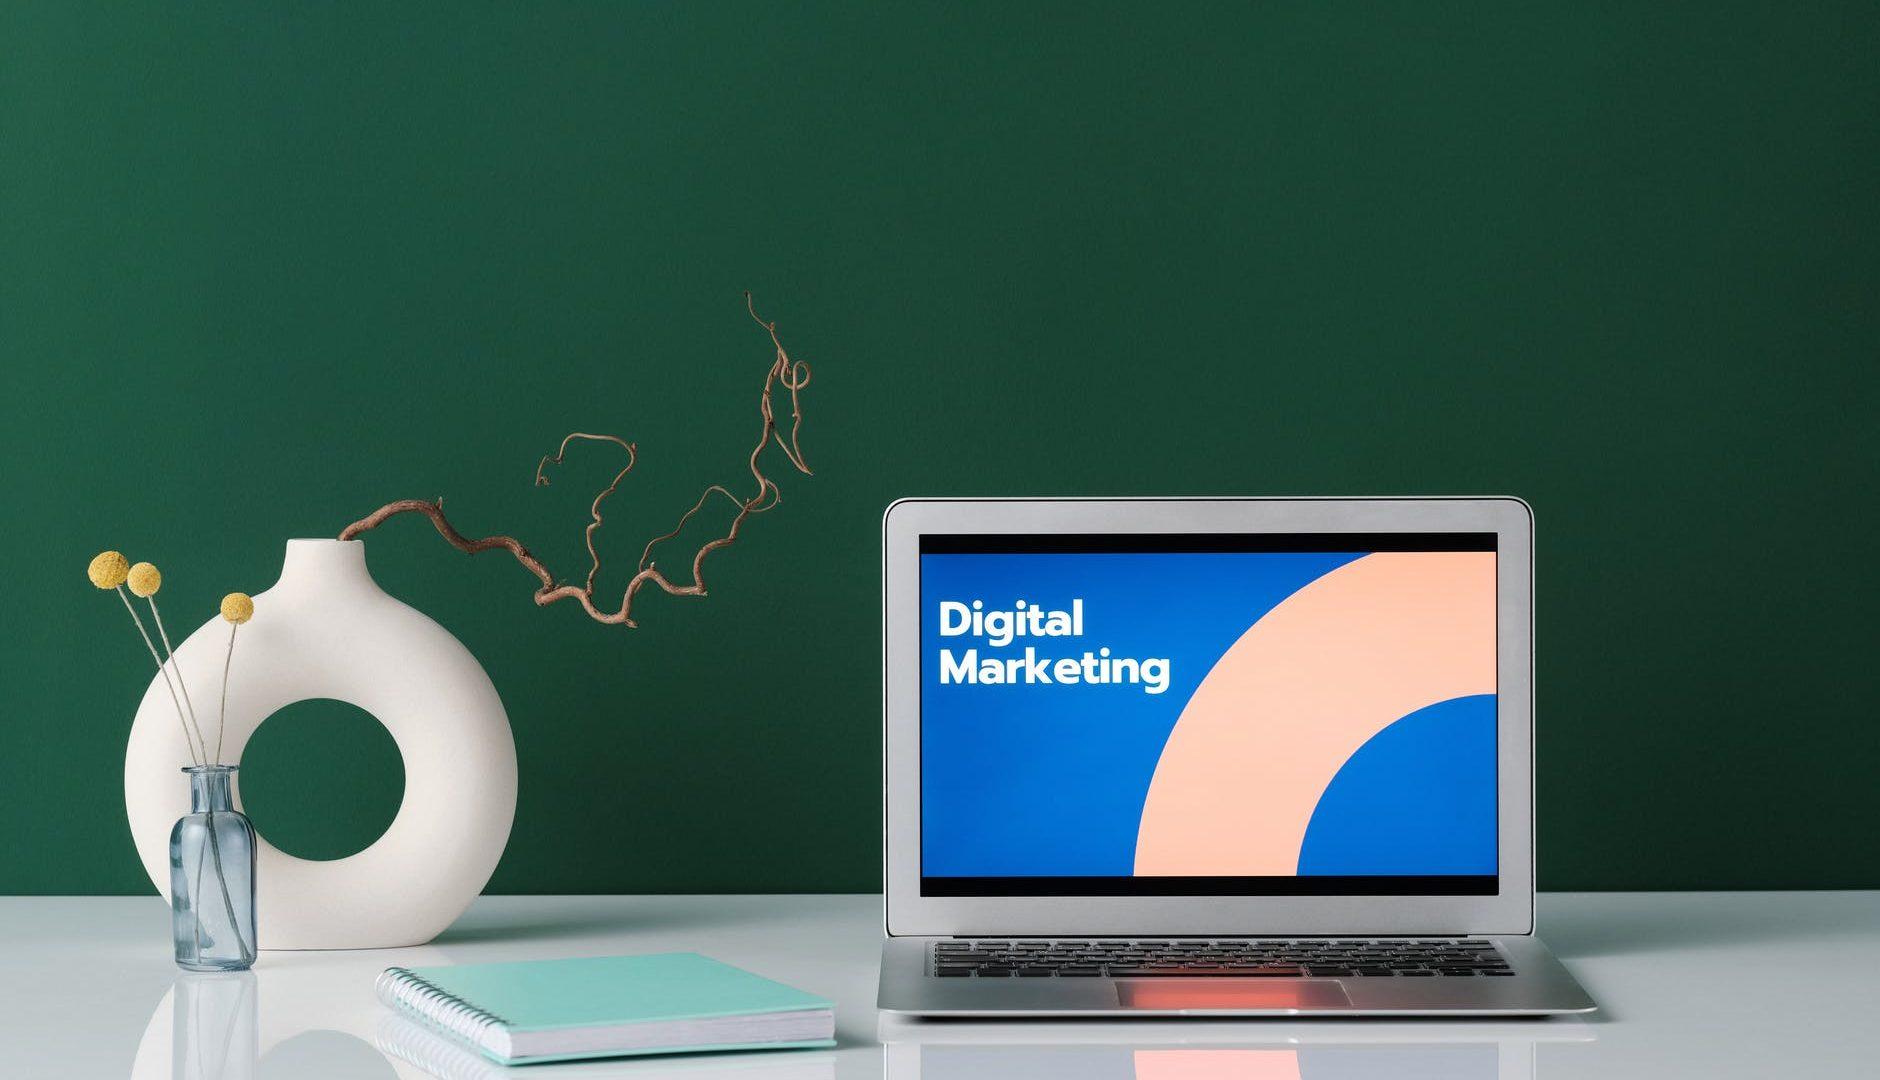 Strategi Digital Marketing: Panduan Lengkap